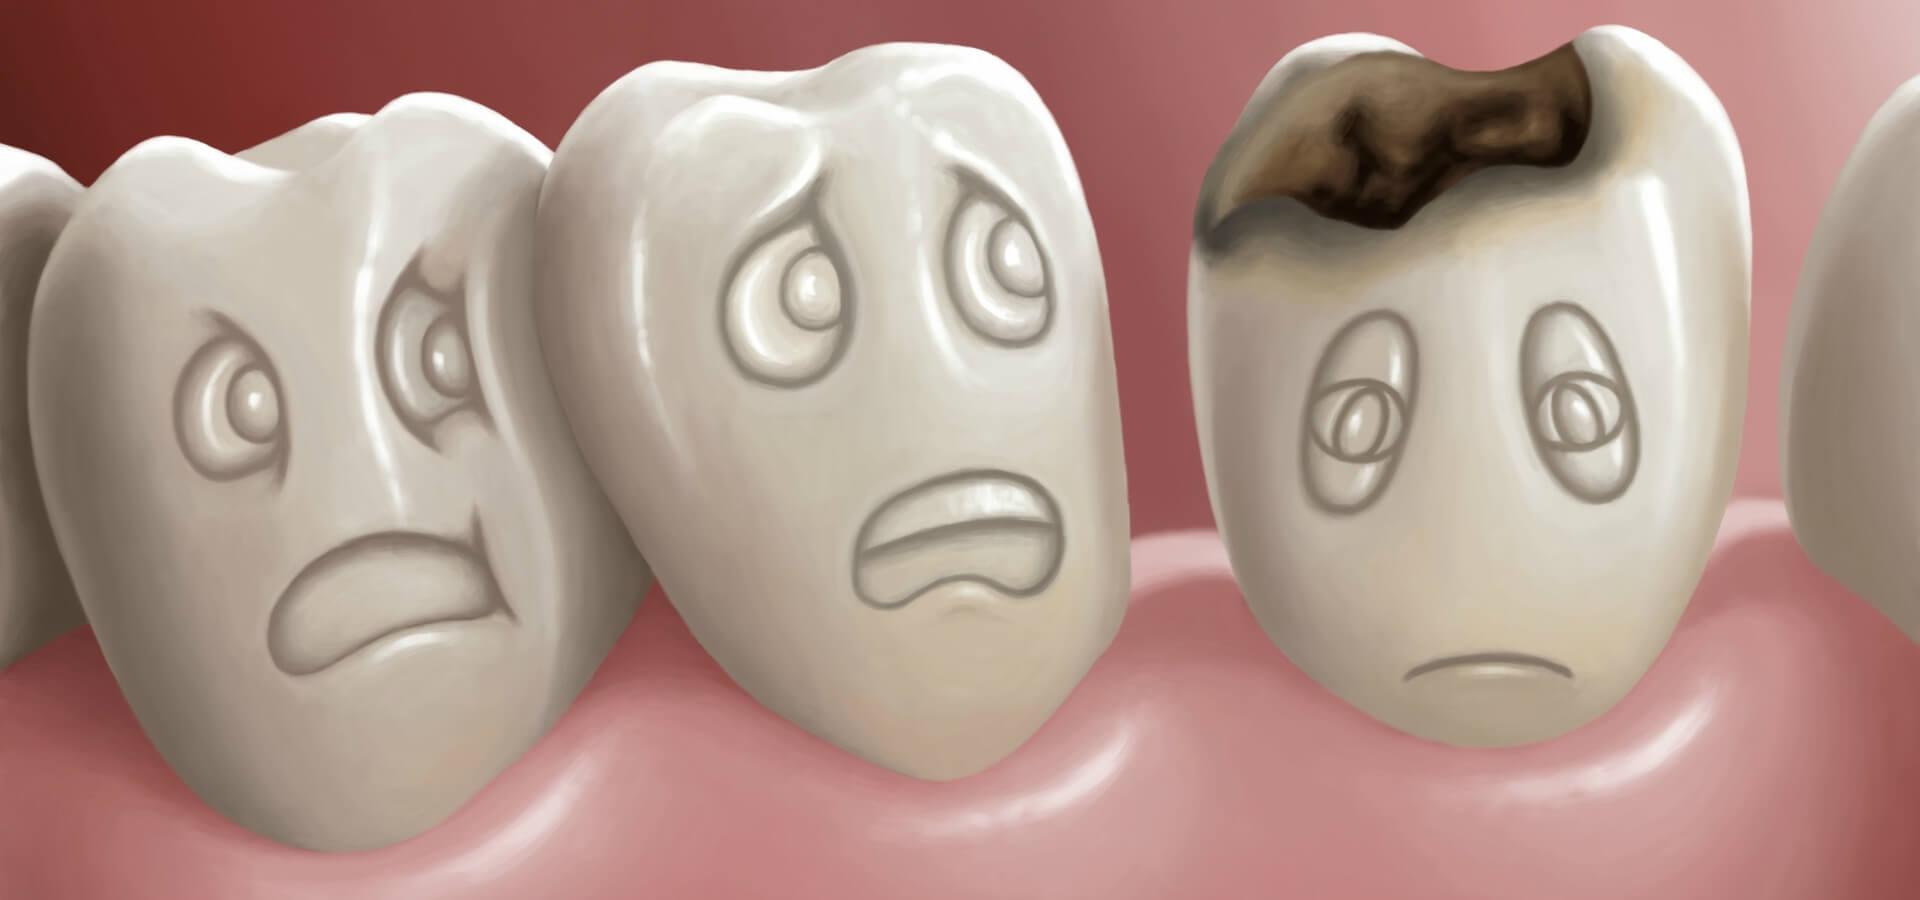 دندان خراب مرگ آور است